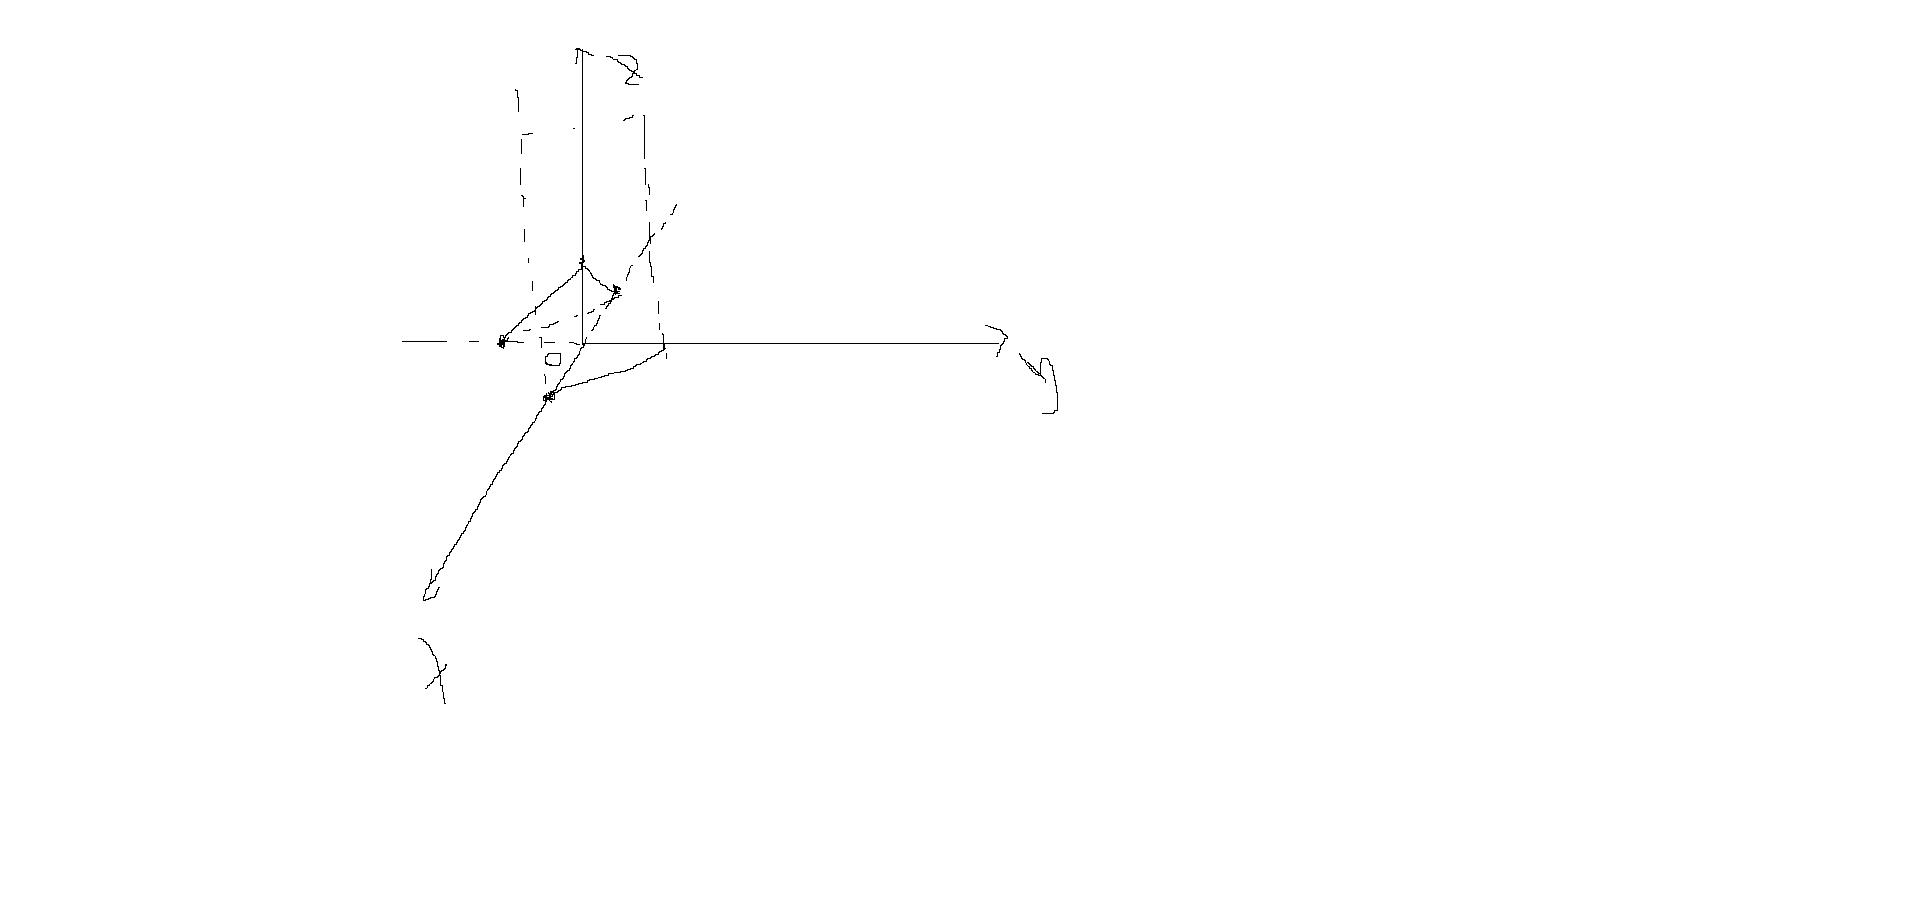 美女?y??y/h9l!_求f(x)=1/(x+1)的n阶麦克劳林展开式(皮亚诺型余项即可),求过程